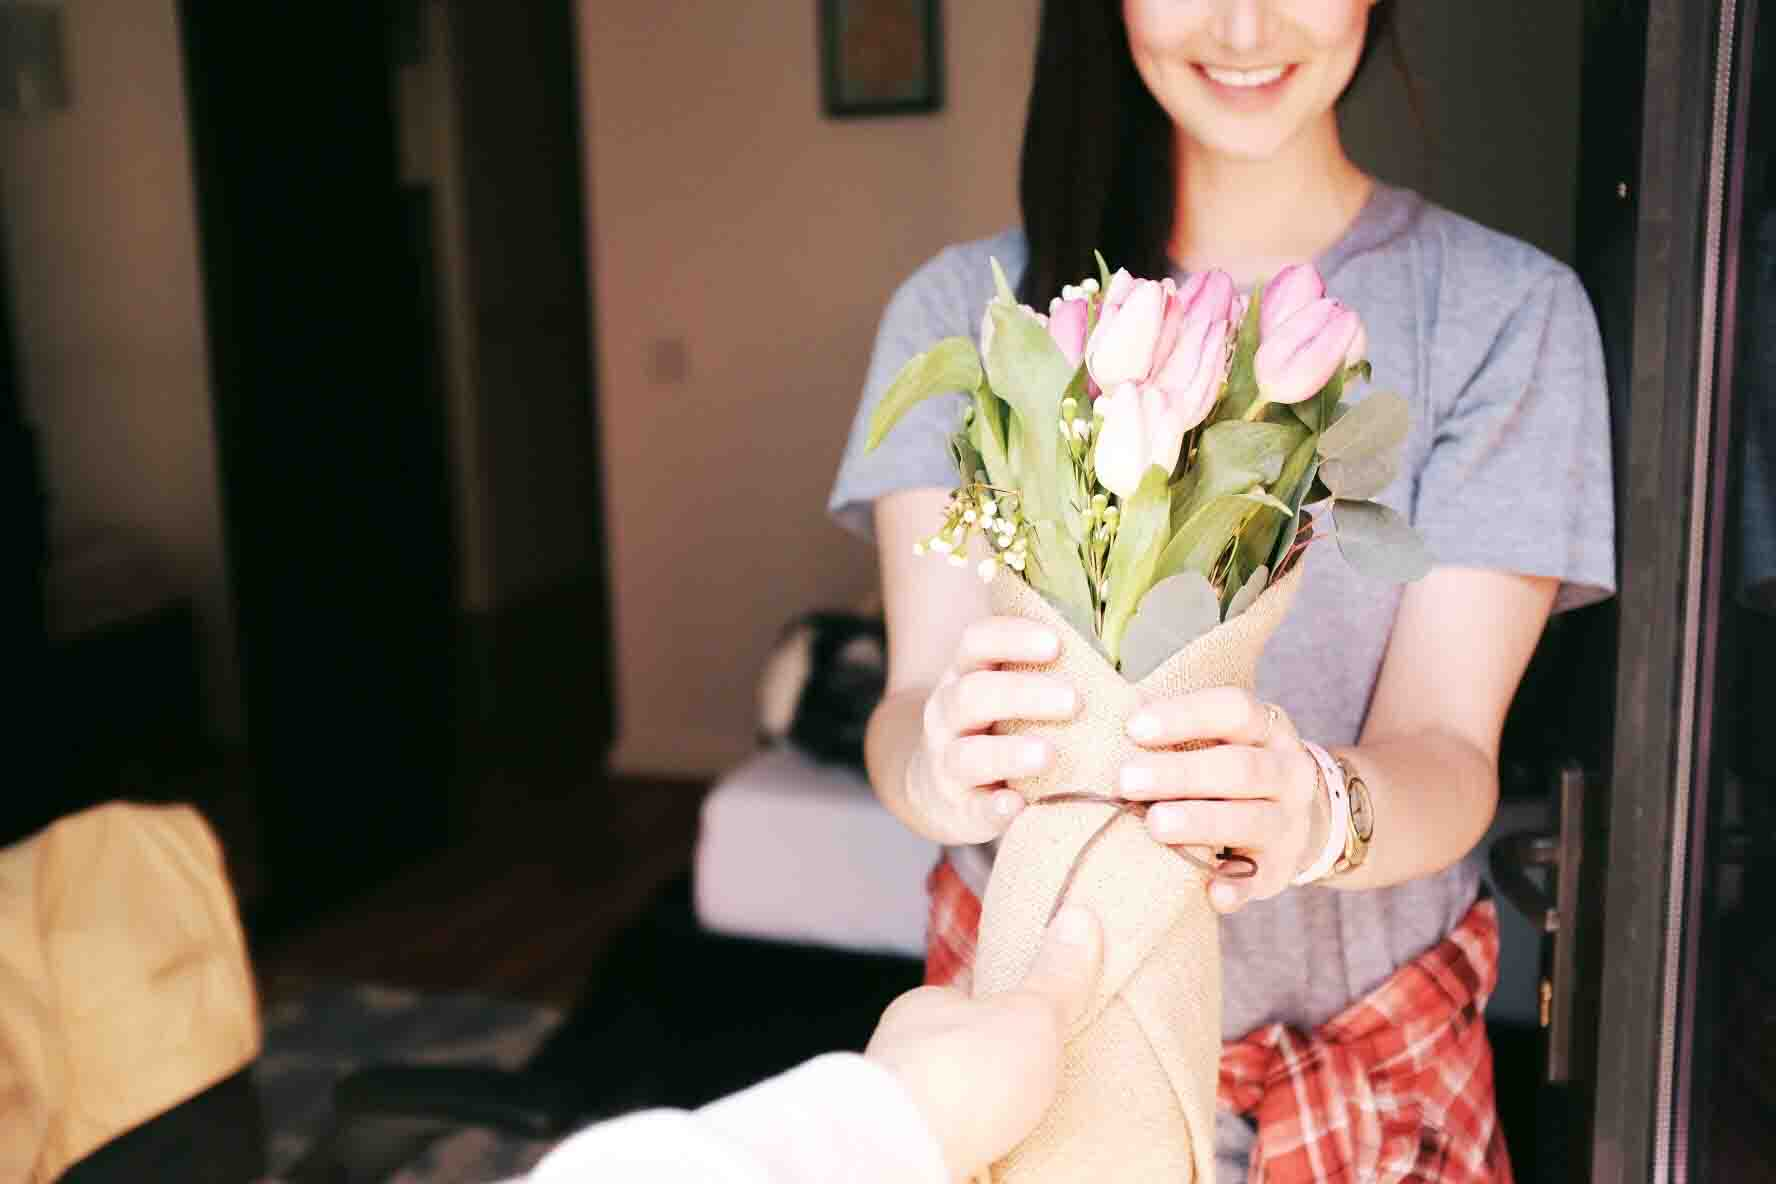 học cách yêu bằng việc tặng hoa cho cô gái